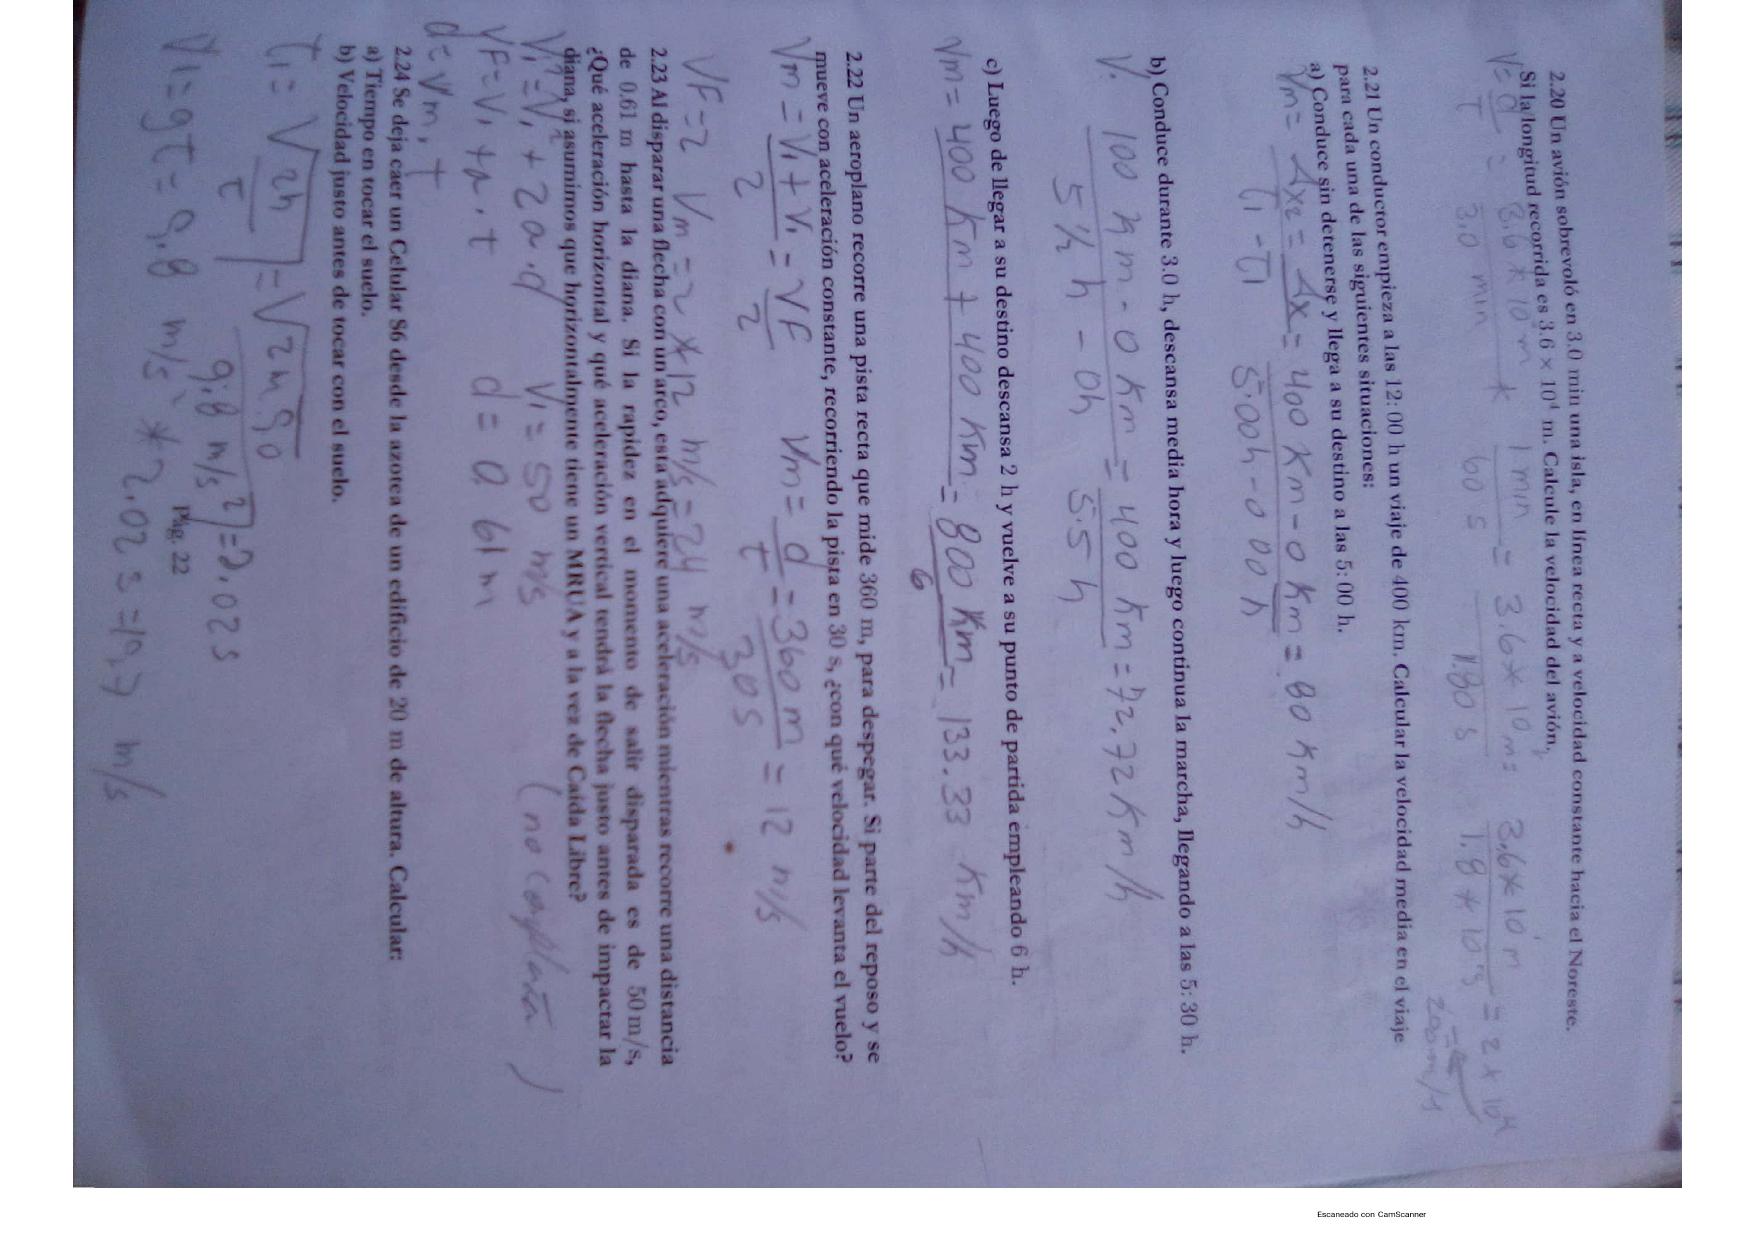 cuaderno-de-trabajo-f-sica-b-sica-page-0021